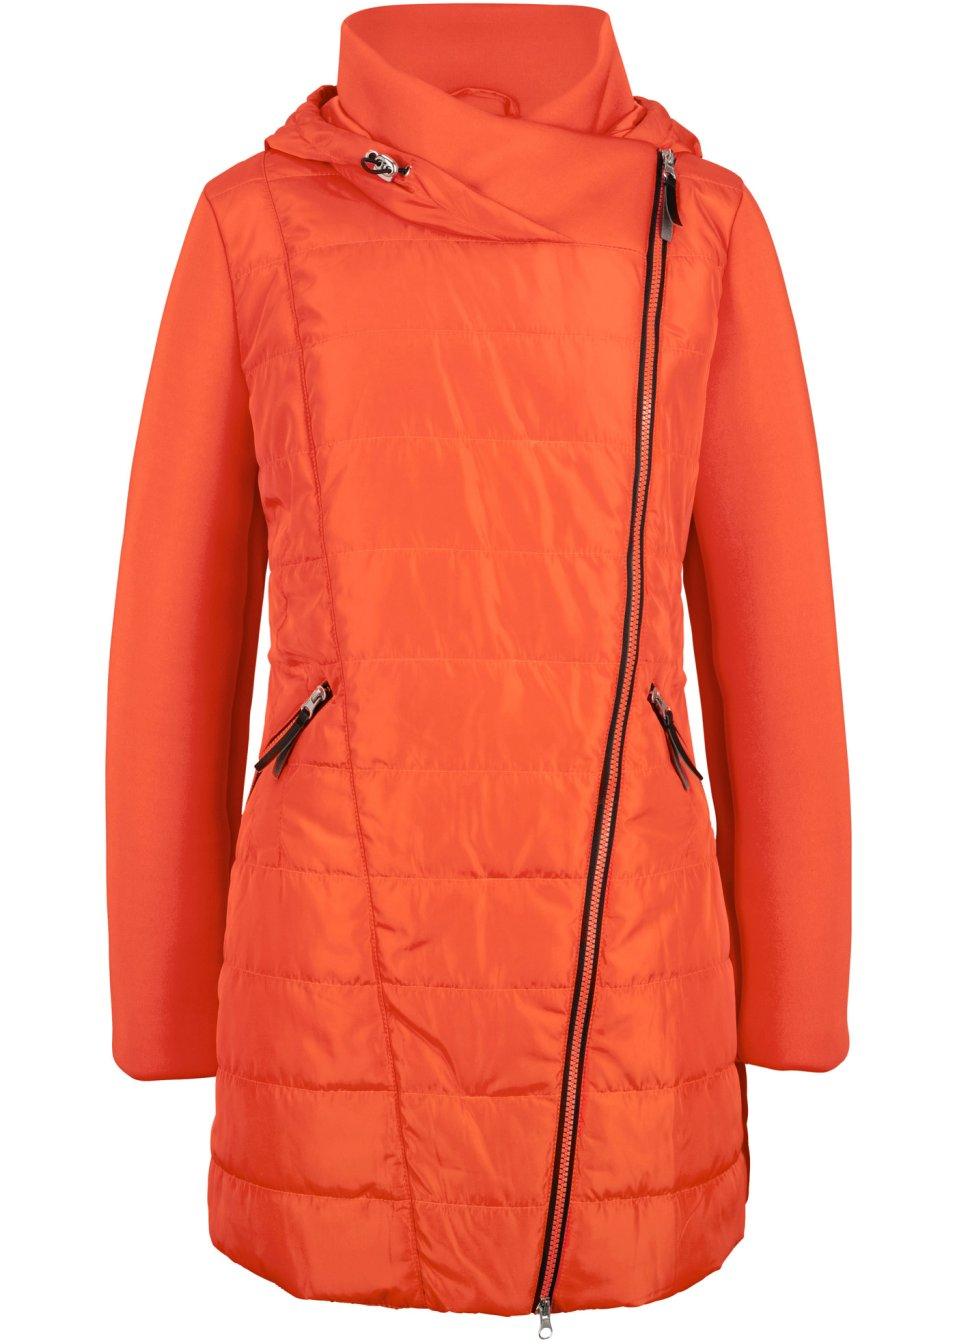 Figurschmeichelnde Jacke mit asymmetrischem Reißerverschluss - blutorange 0v7zo YYOi8